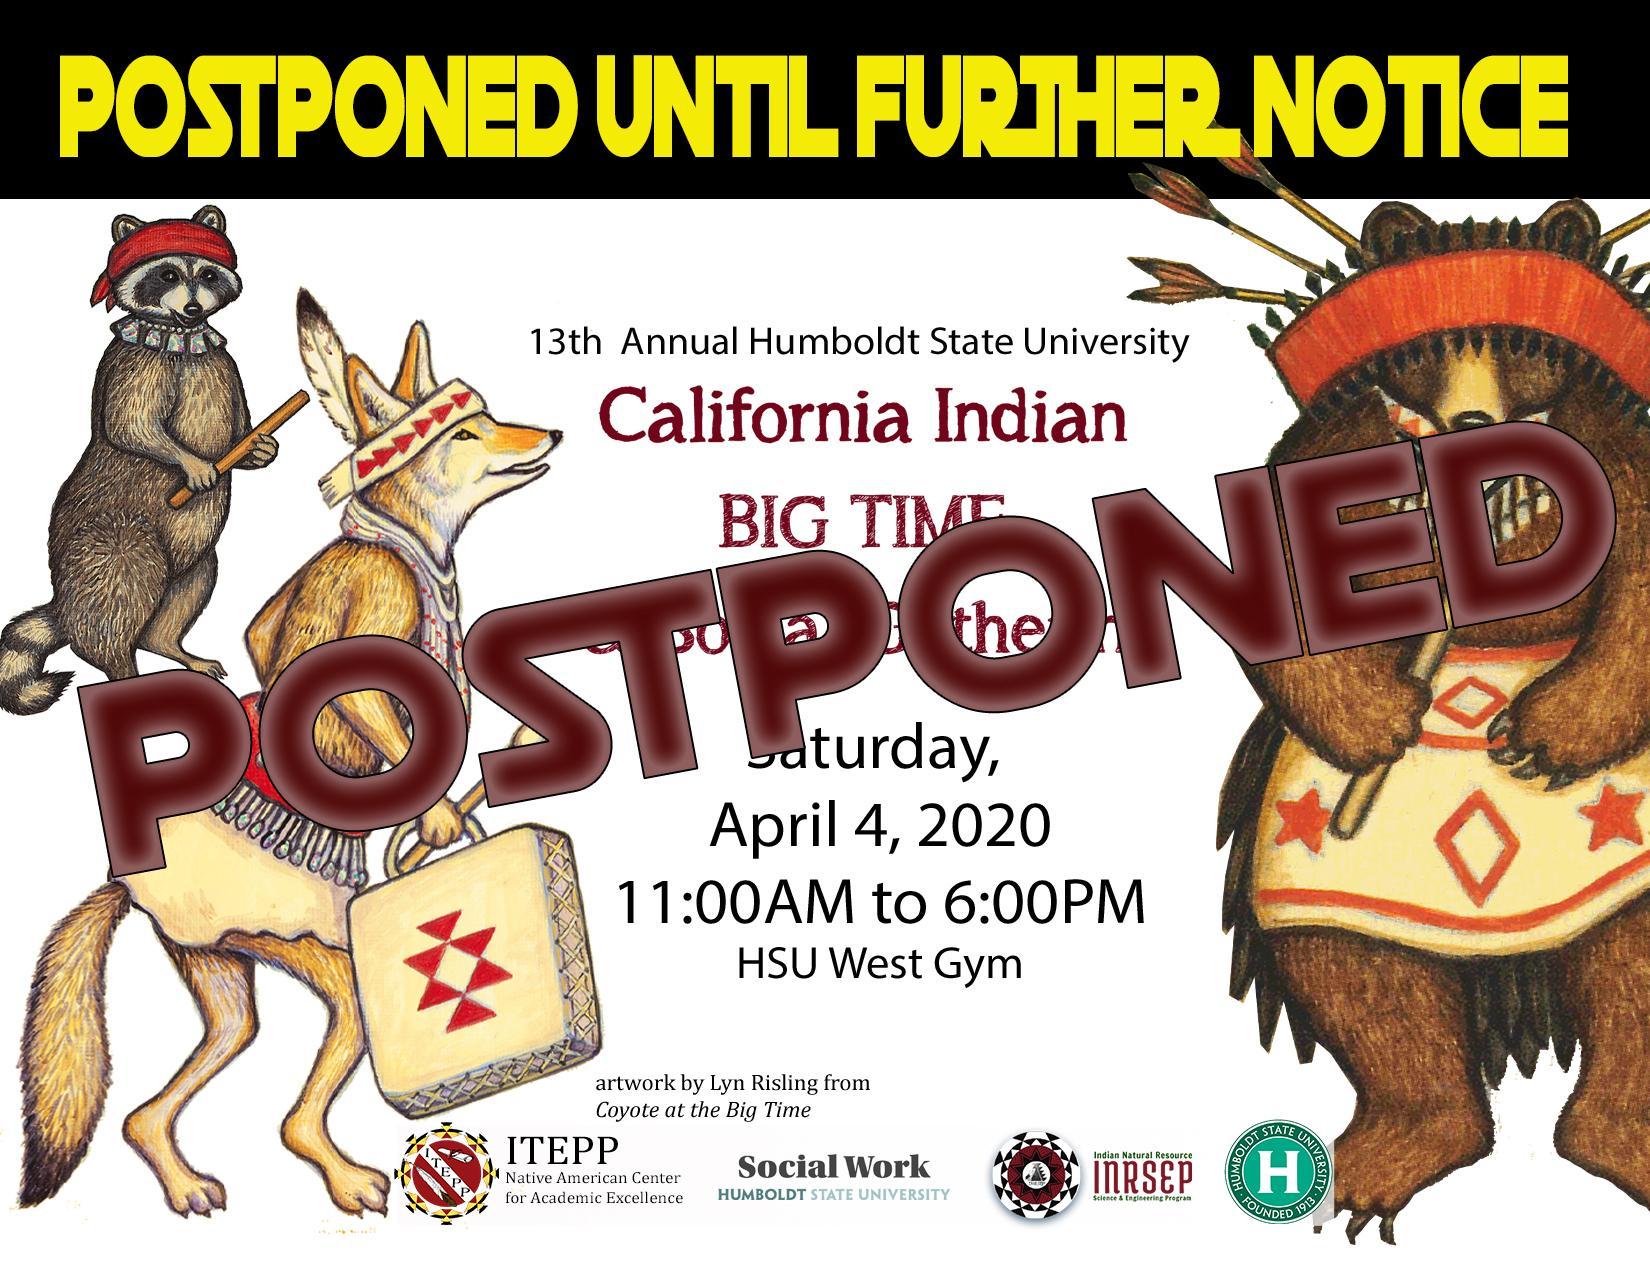 Big Time Postponed